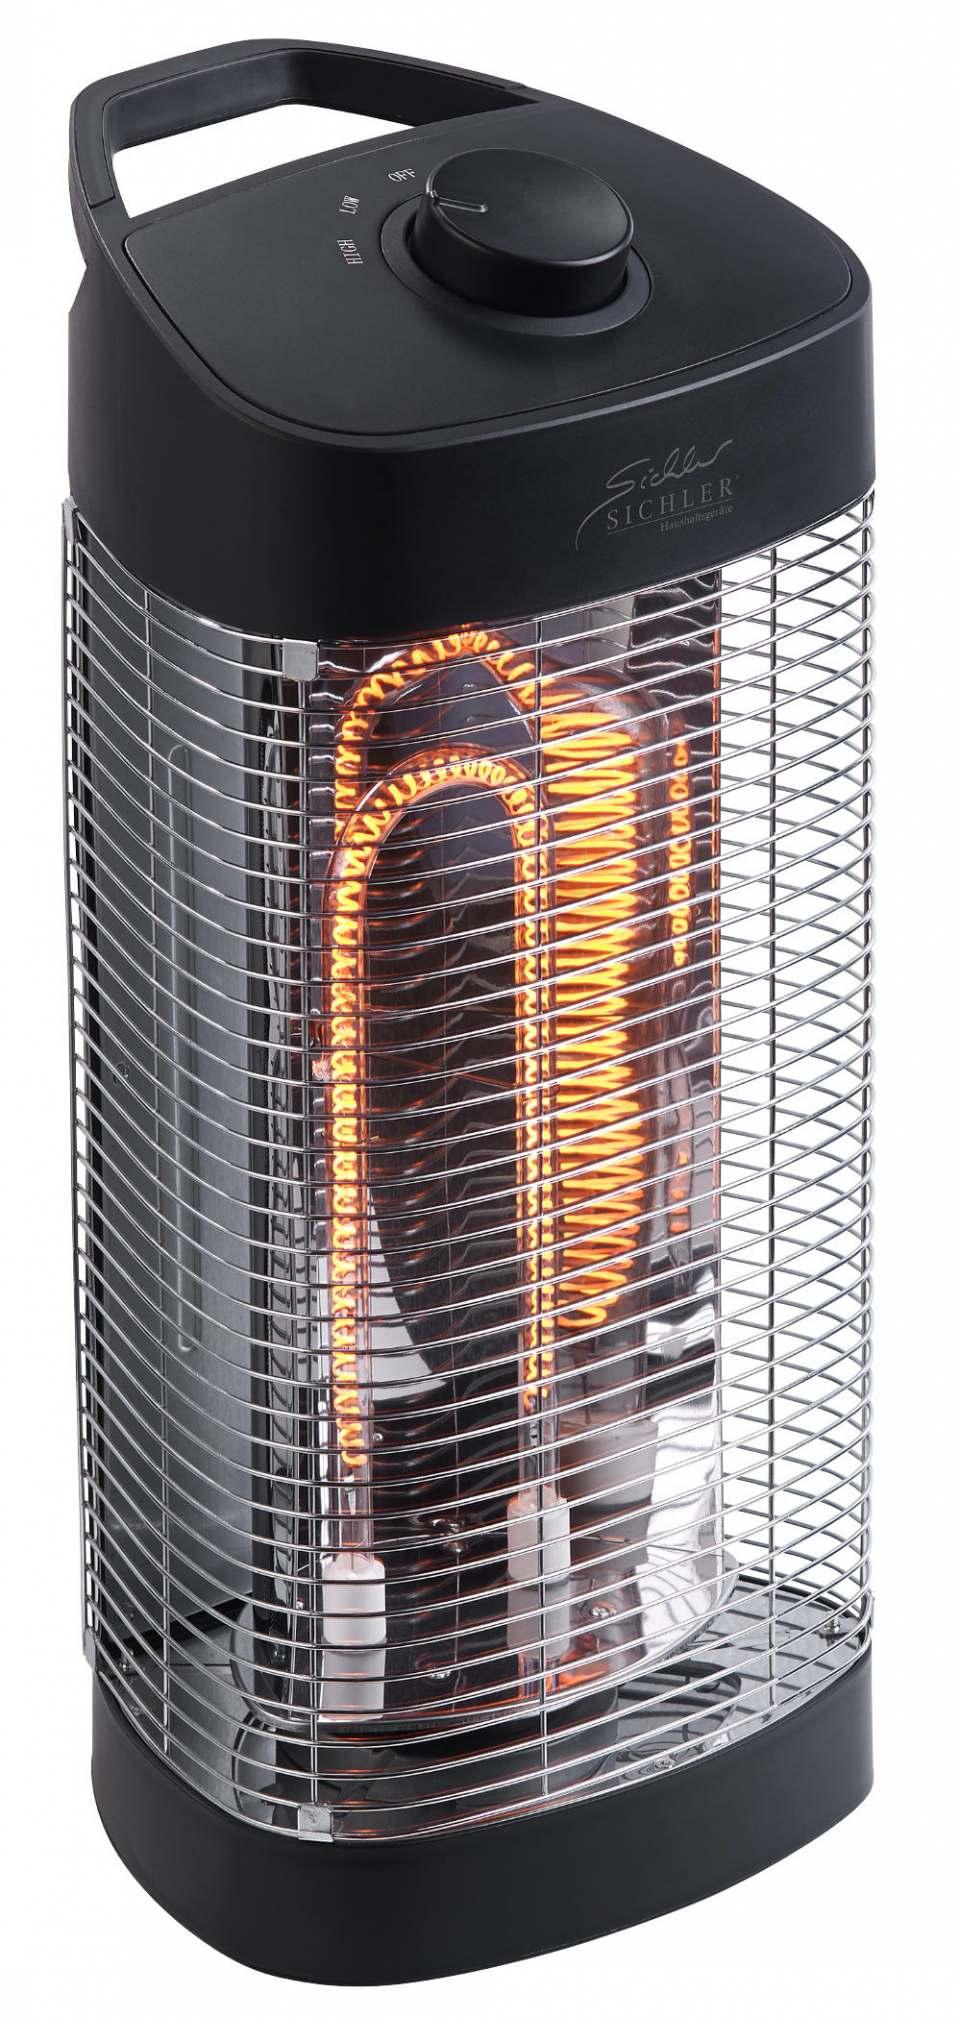 Sichler IR-Heizstrahler IRW-1300.rbl mit energiesparenden Heizröhren.